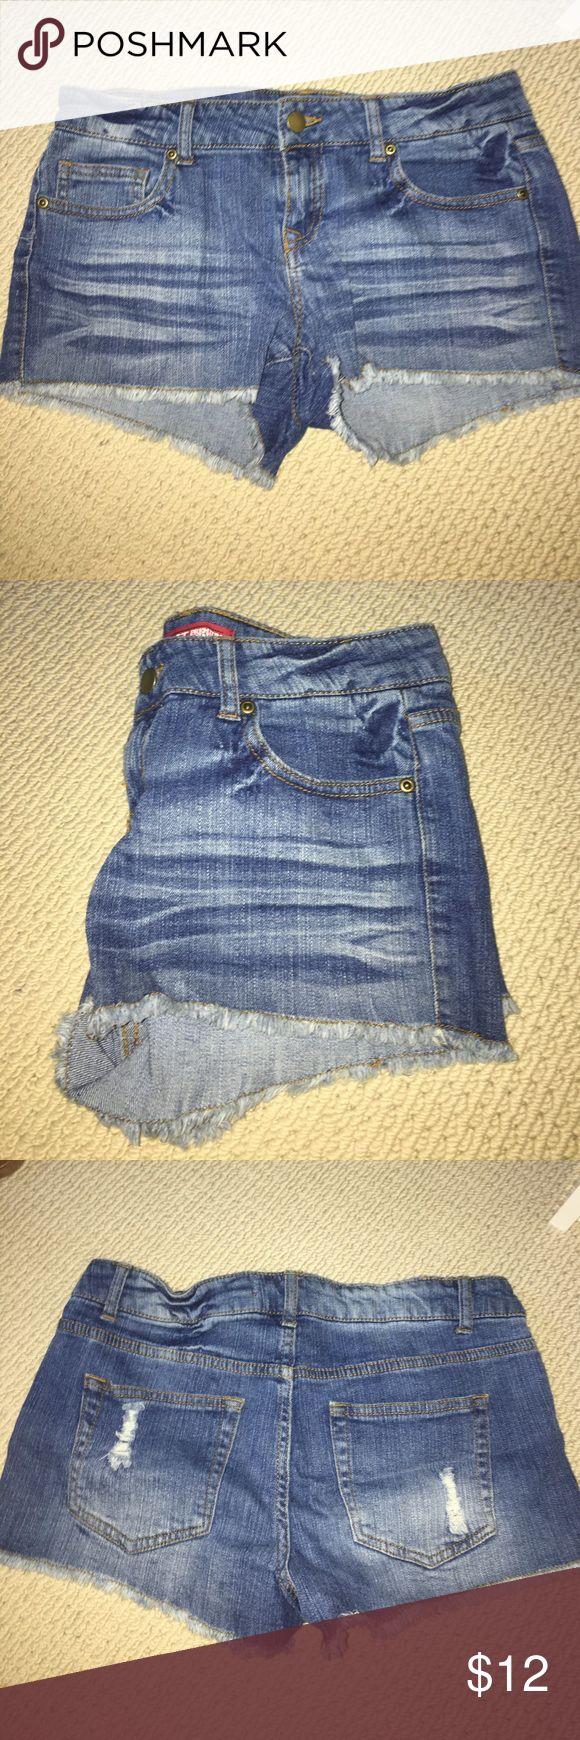 Distressed cutoff Jean shorts Distressed cut off Jean shorts. Worn once! Forever 21 Shorts Jean Shorts